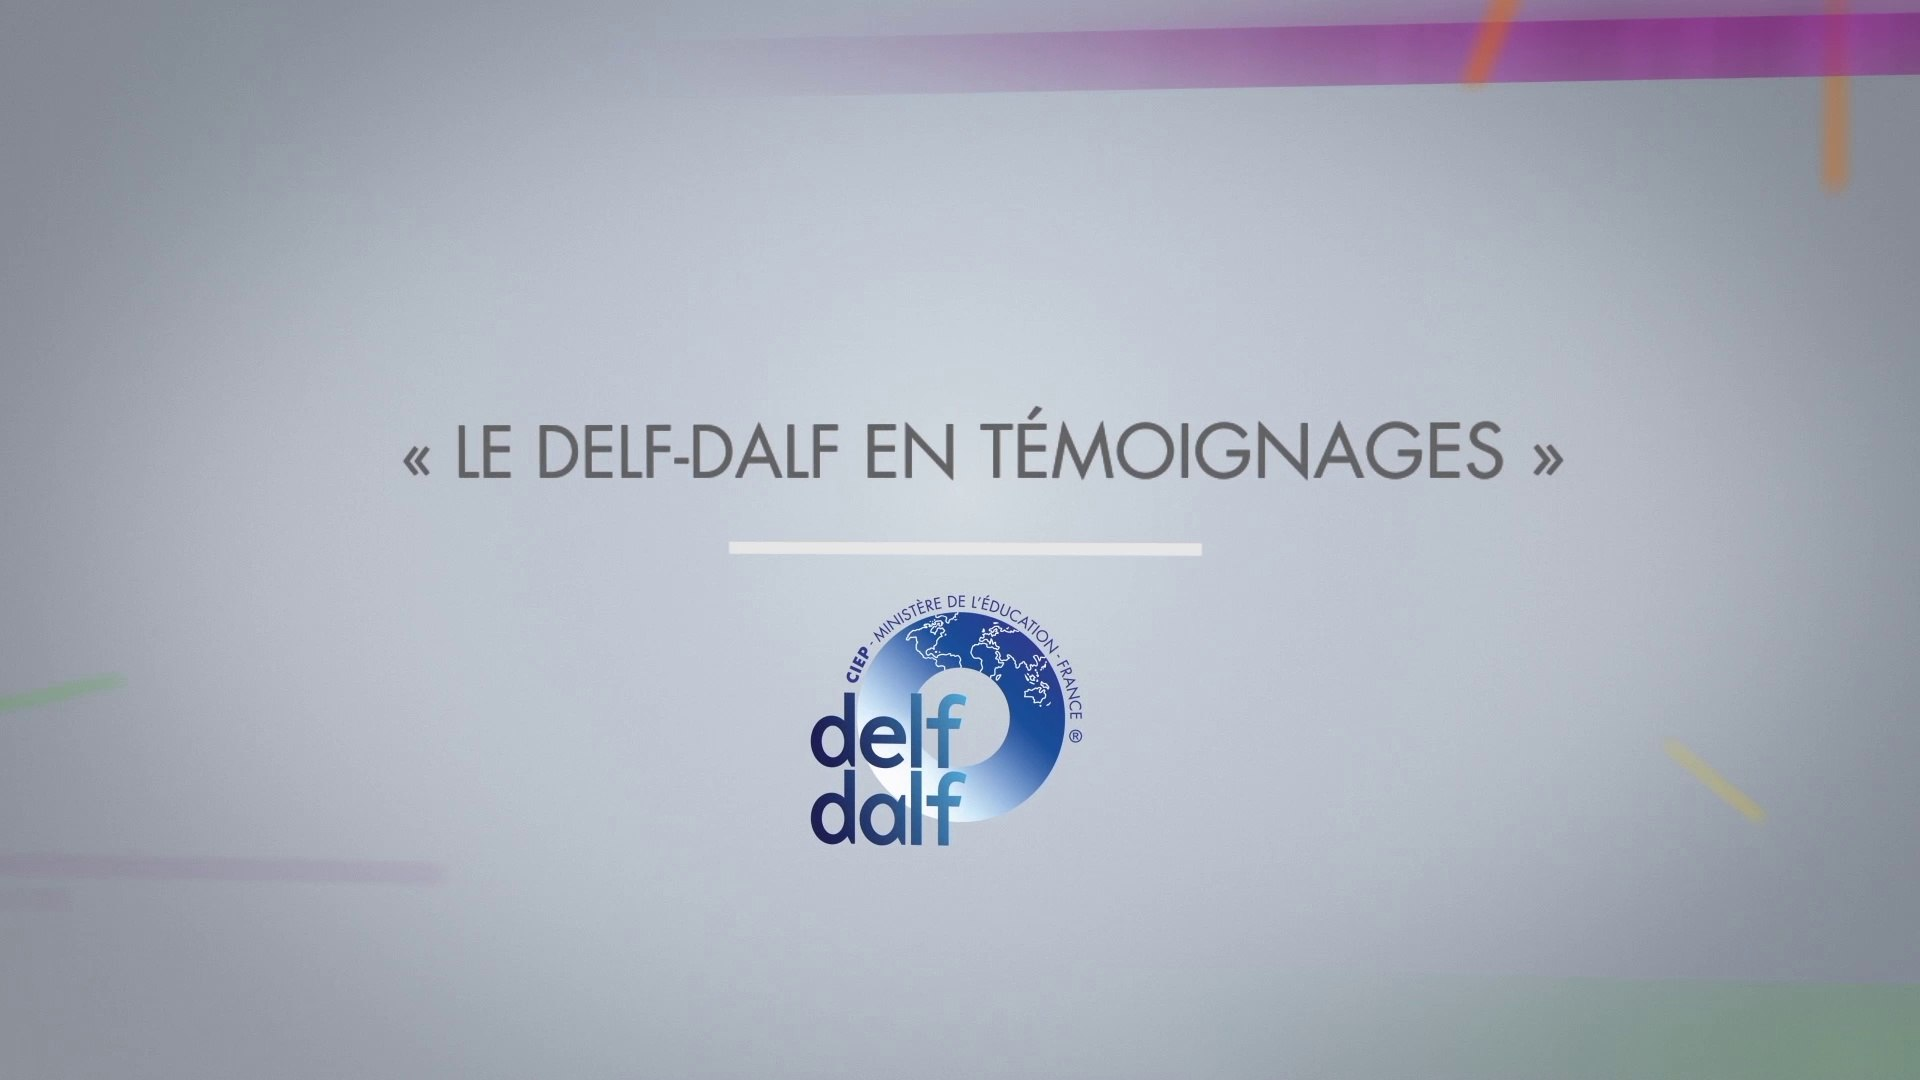 Le DELF-DALF en témoignages